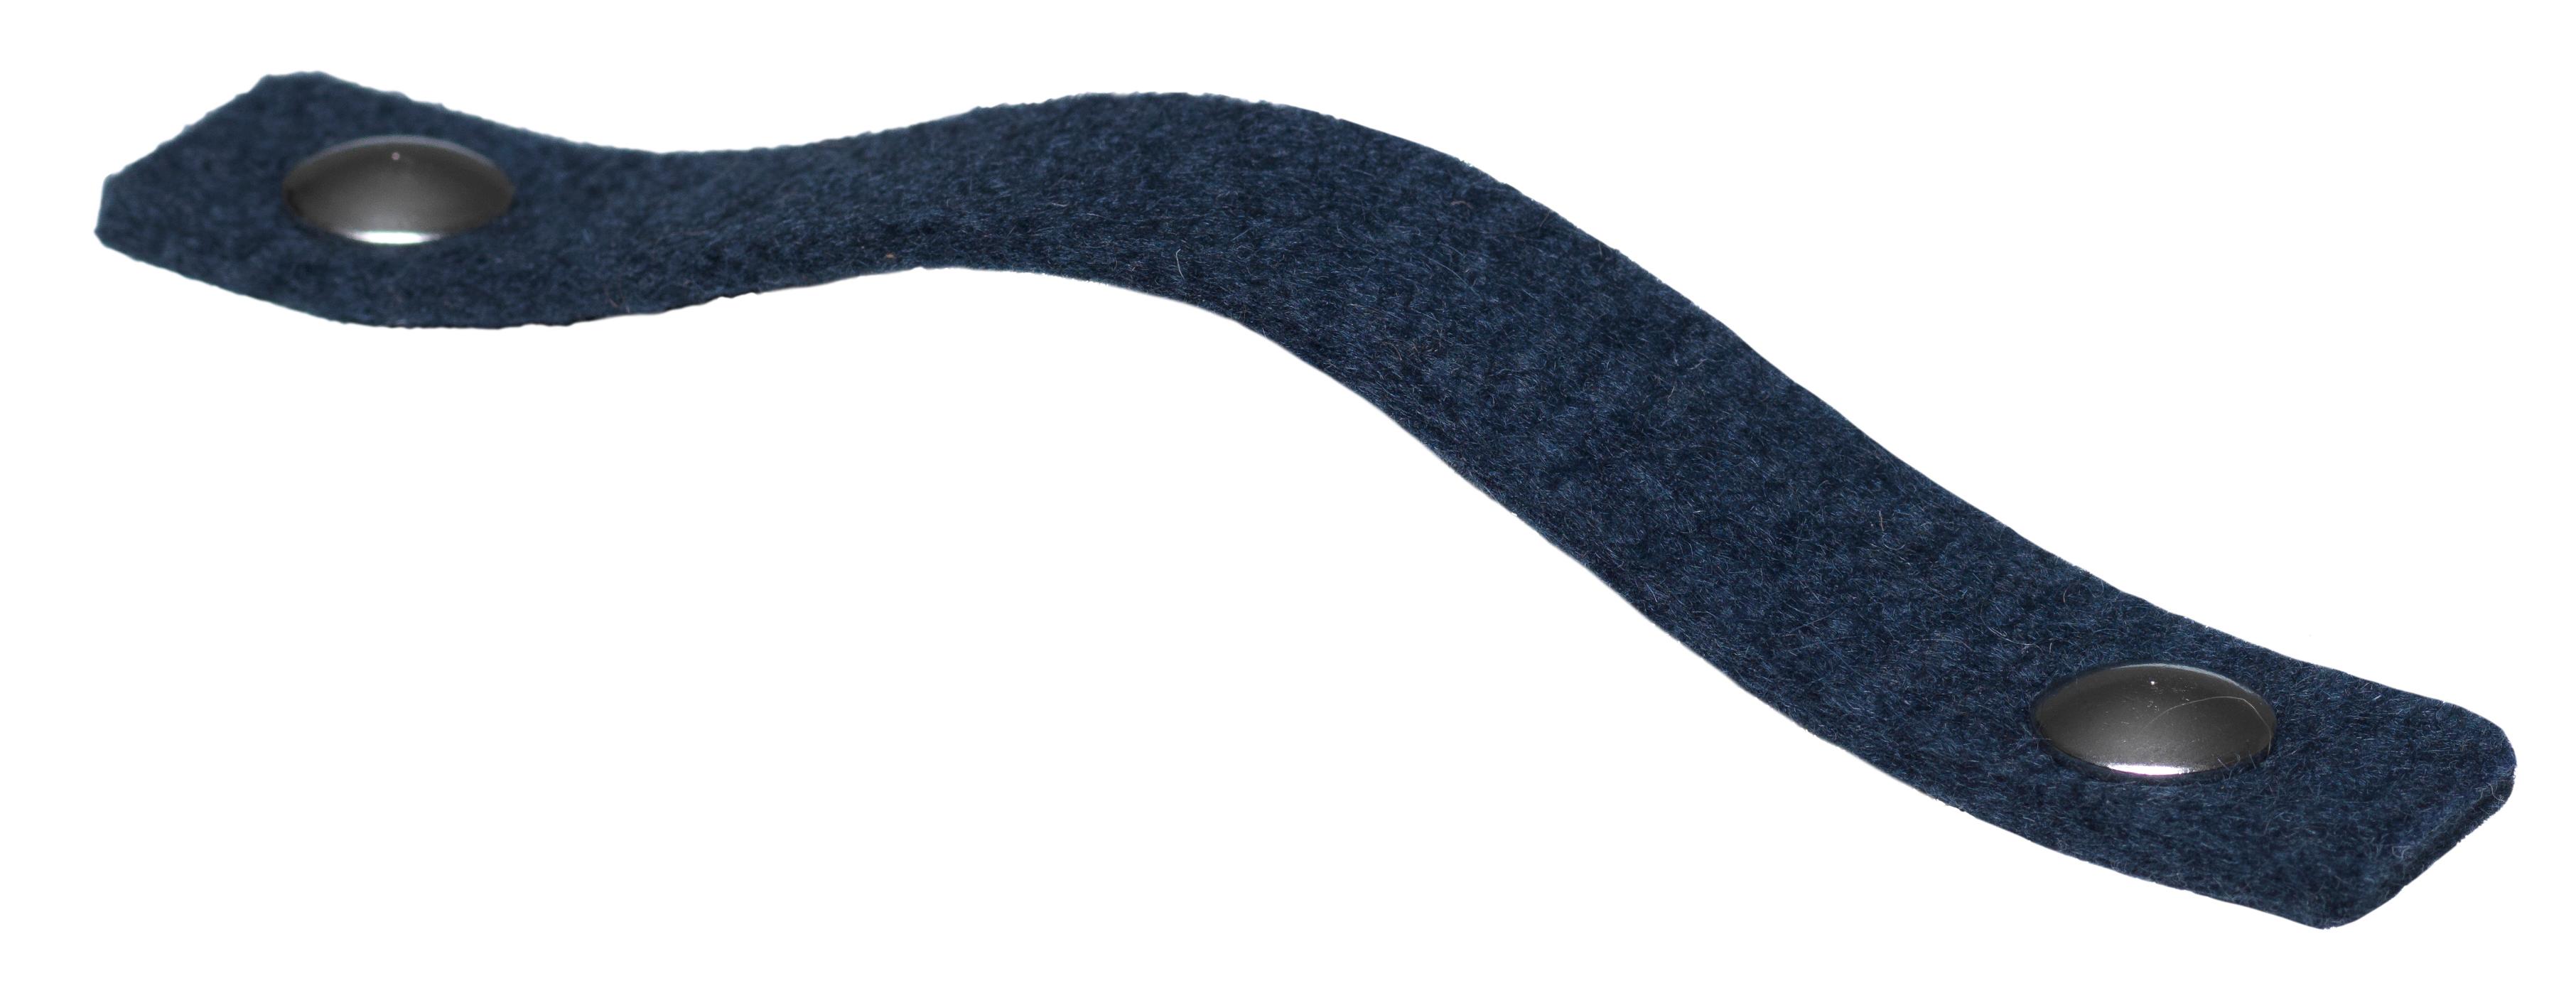 Lifetime Filzgriff 'Jeans Blue' für Türen- und Schubladensets